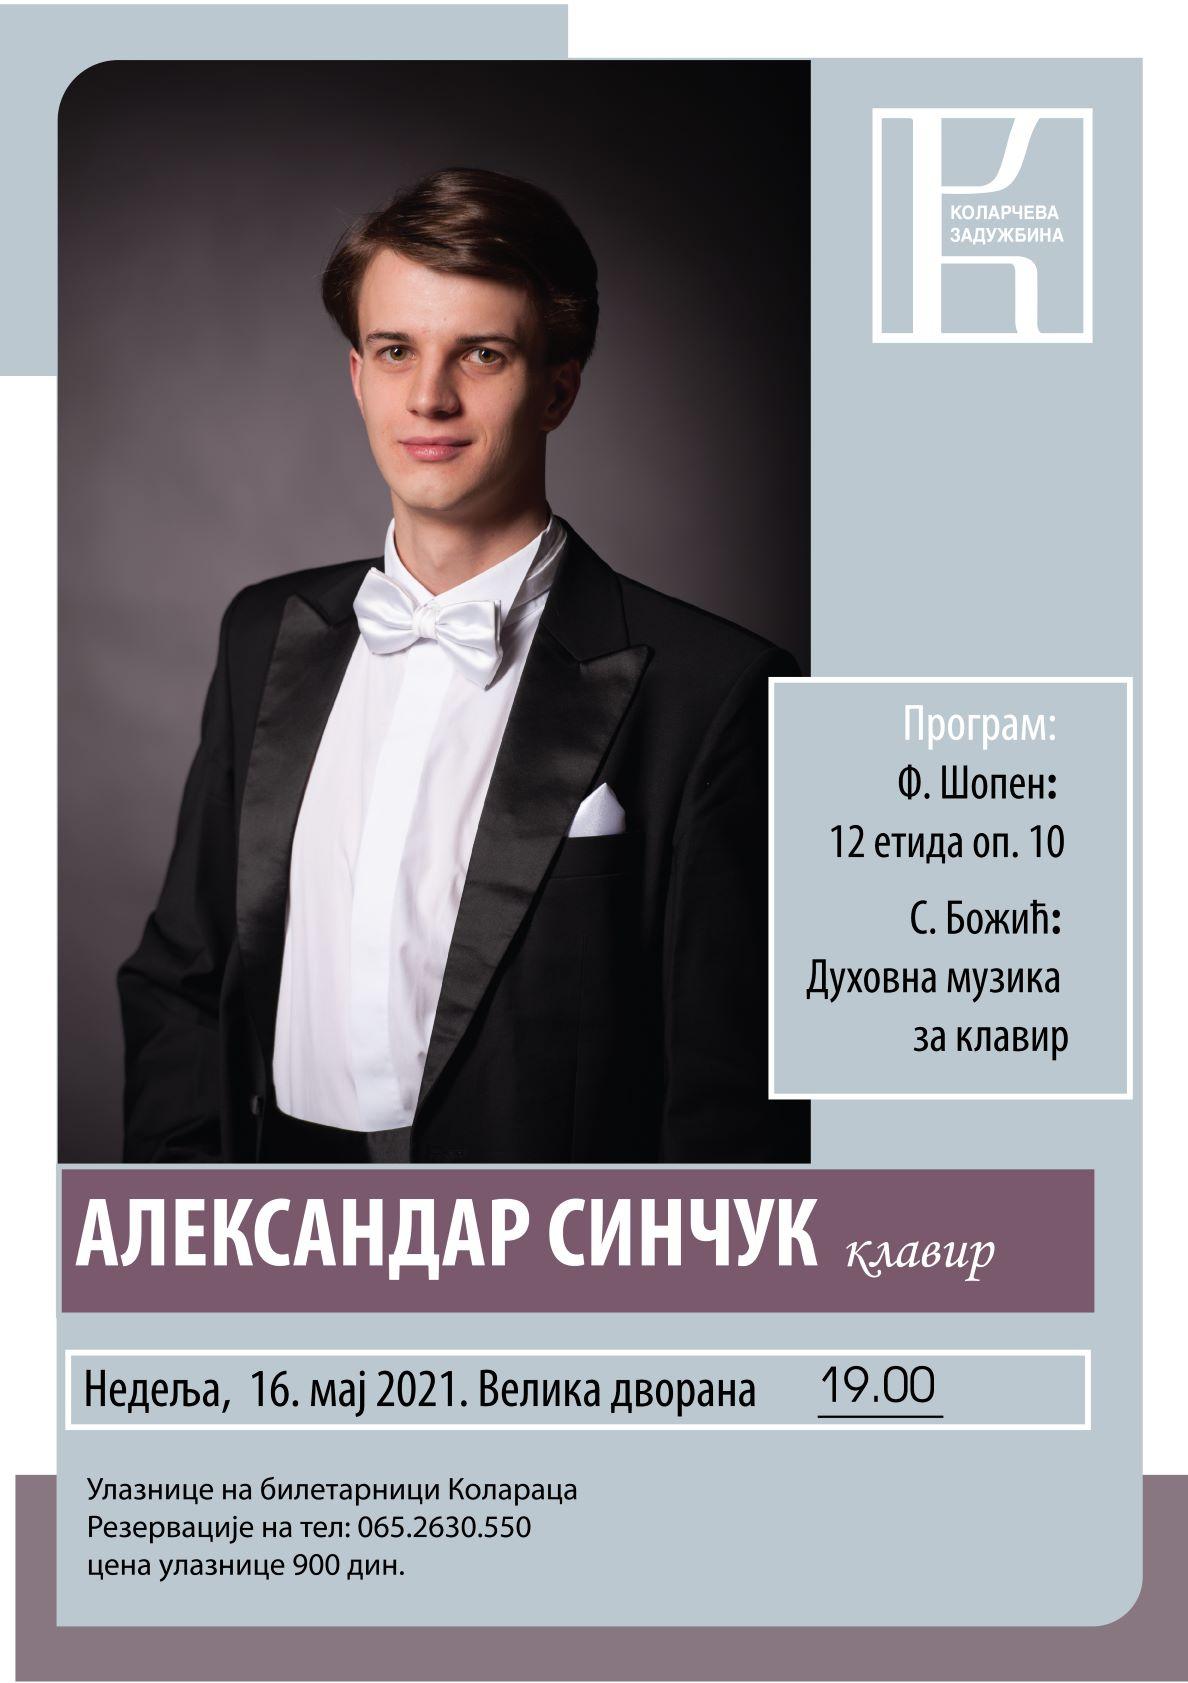 May 16, 2021, 7:00pm, Belgrade, Serbia